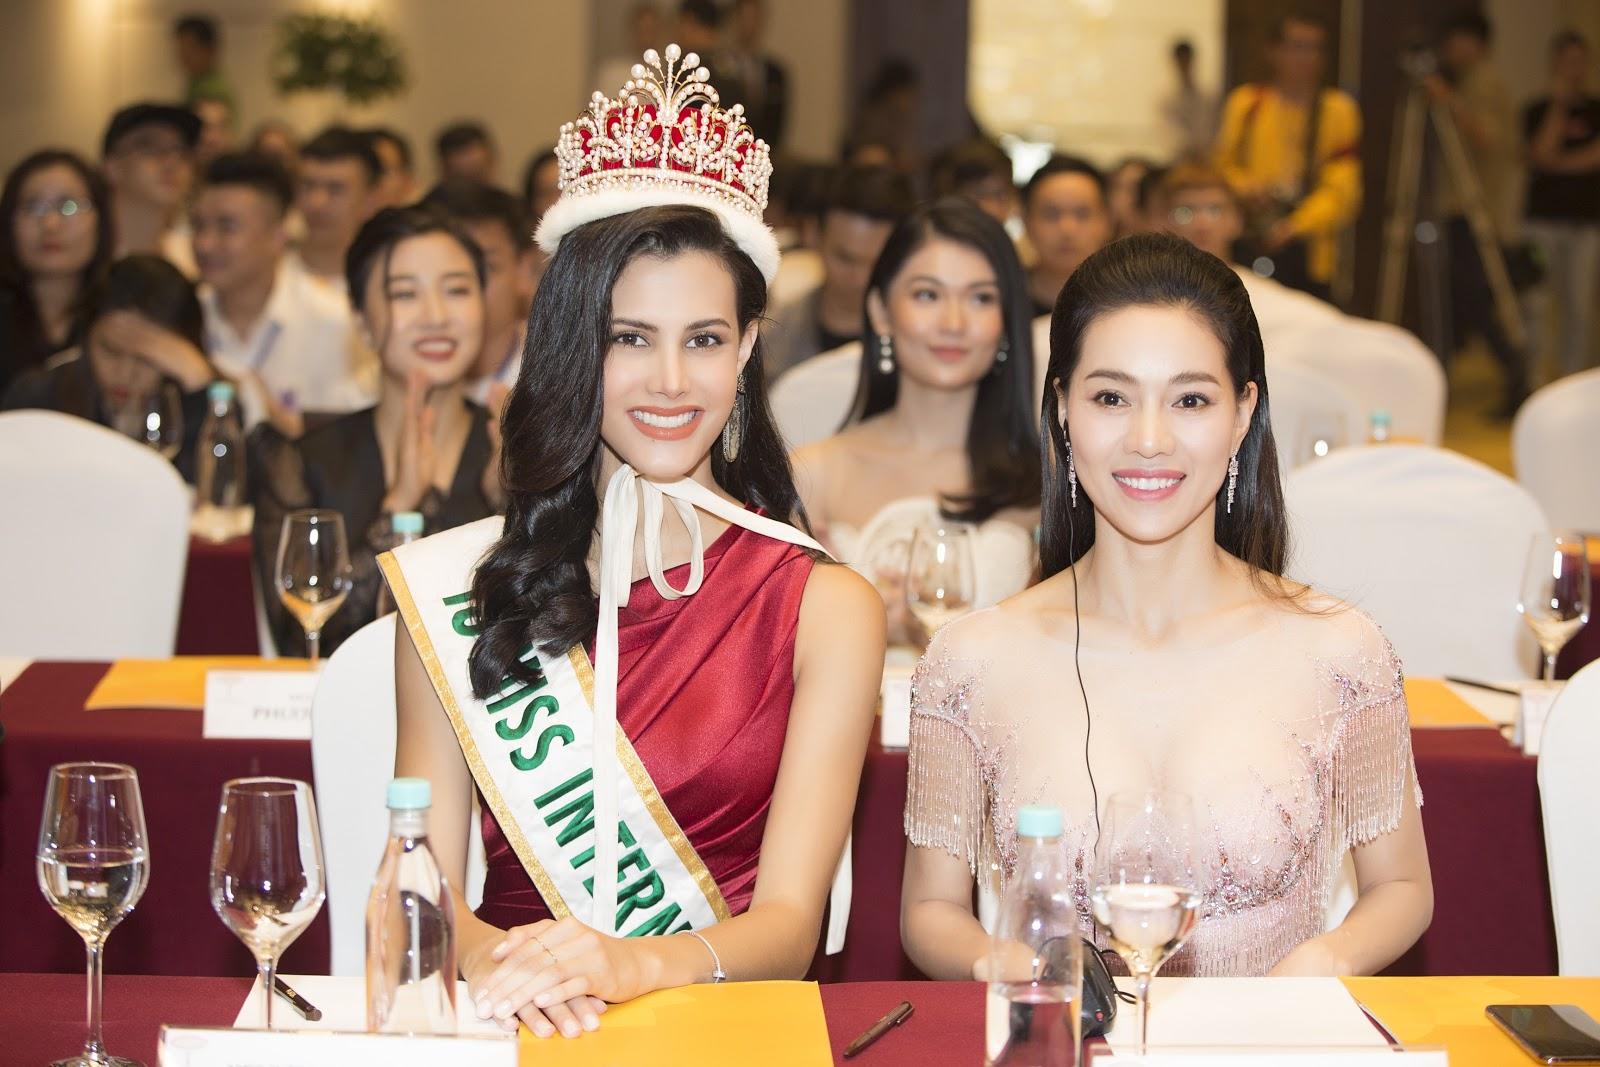 Miss International 2018 đội vương miện 60 năm lộng lẫy xuất hiện tại họp báo đọ sắc cùng dàn hậu Việt - Hình 5